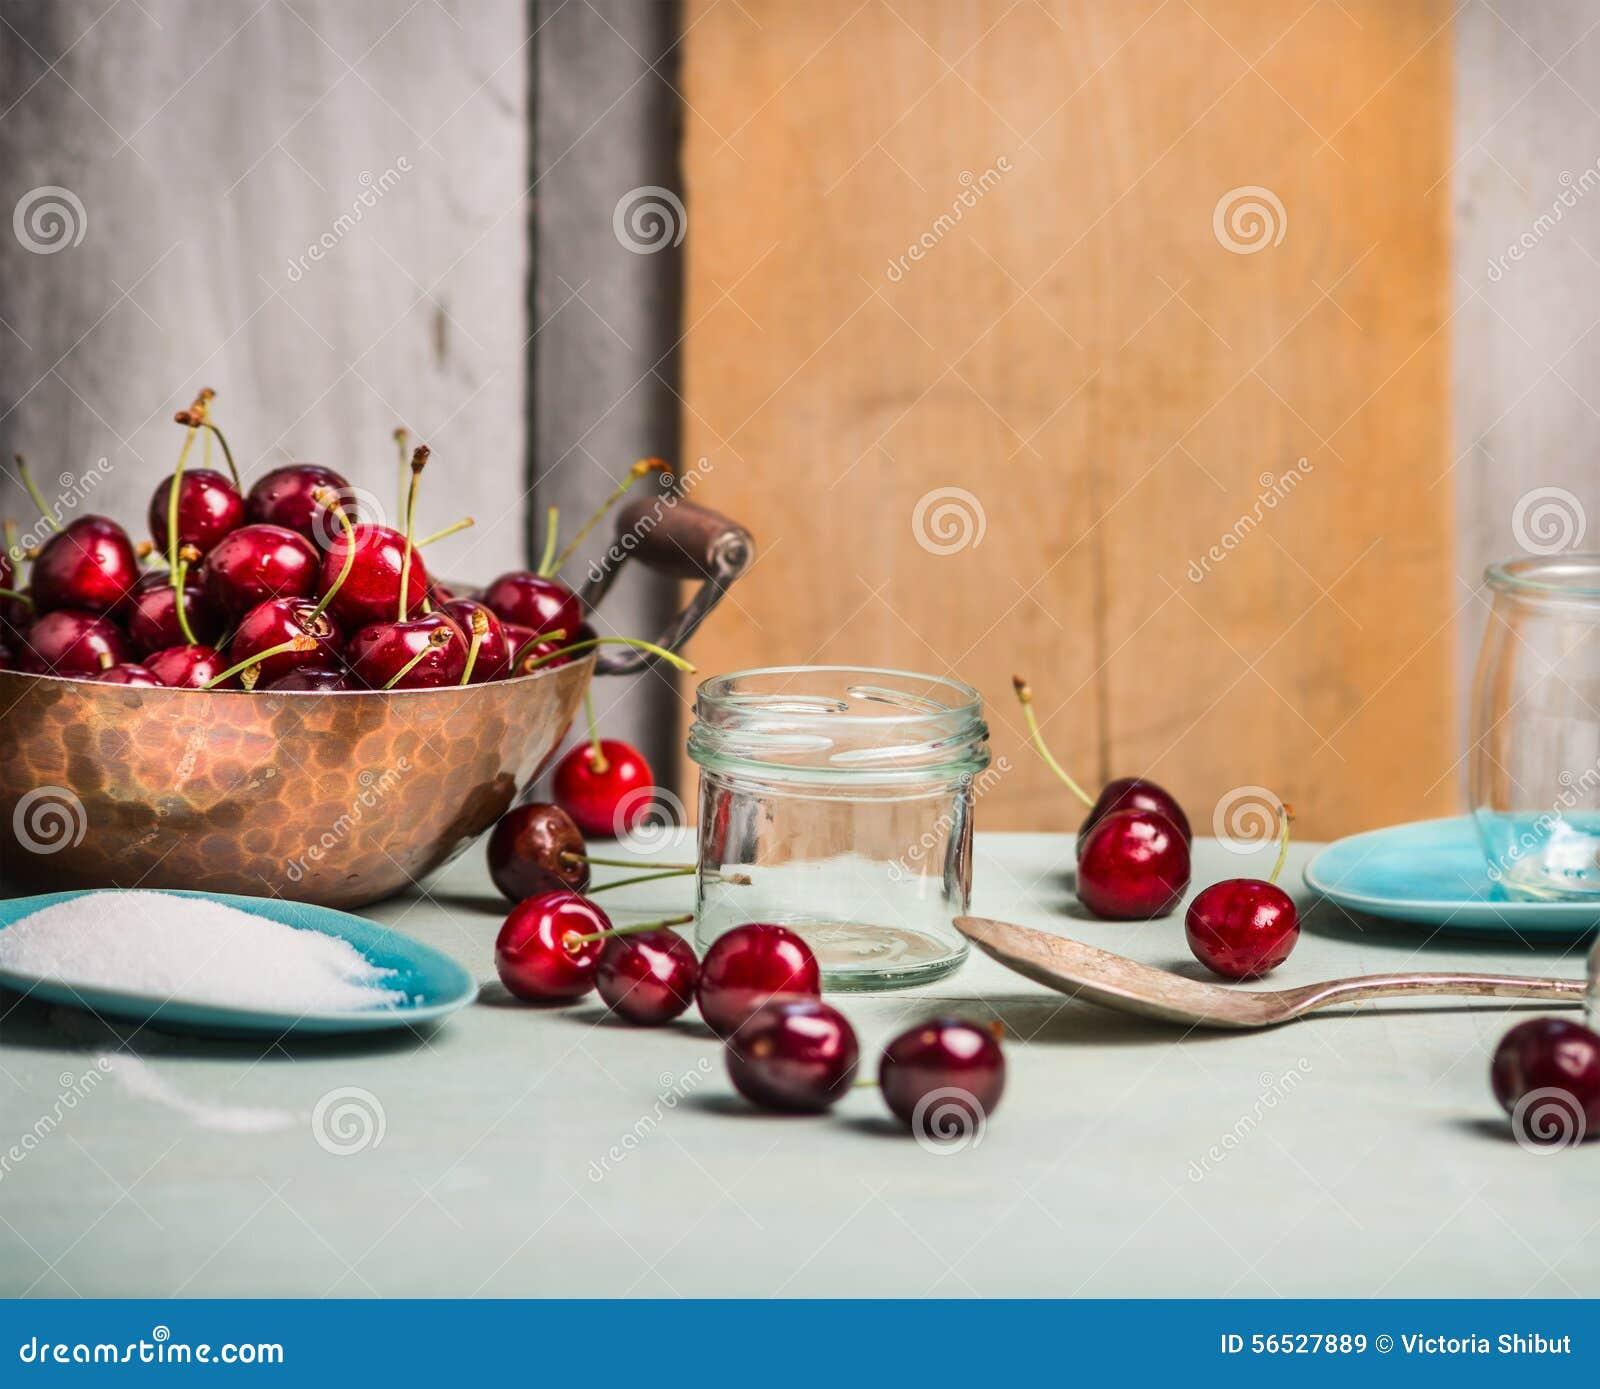 Ягоды вишен сохраняя с стеклянным опарником на деревенском кухонном столе